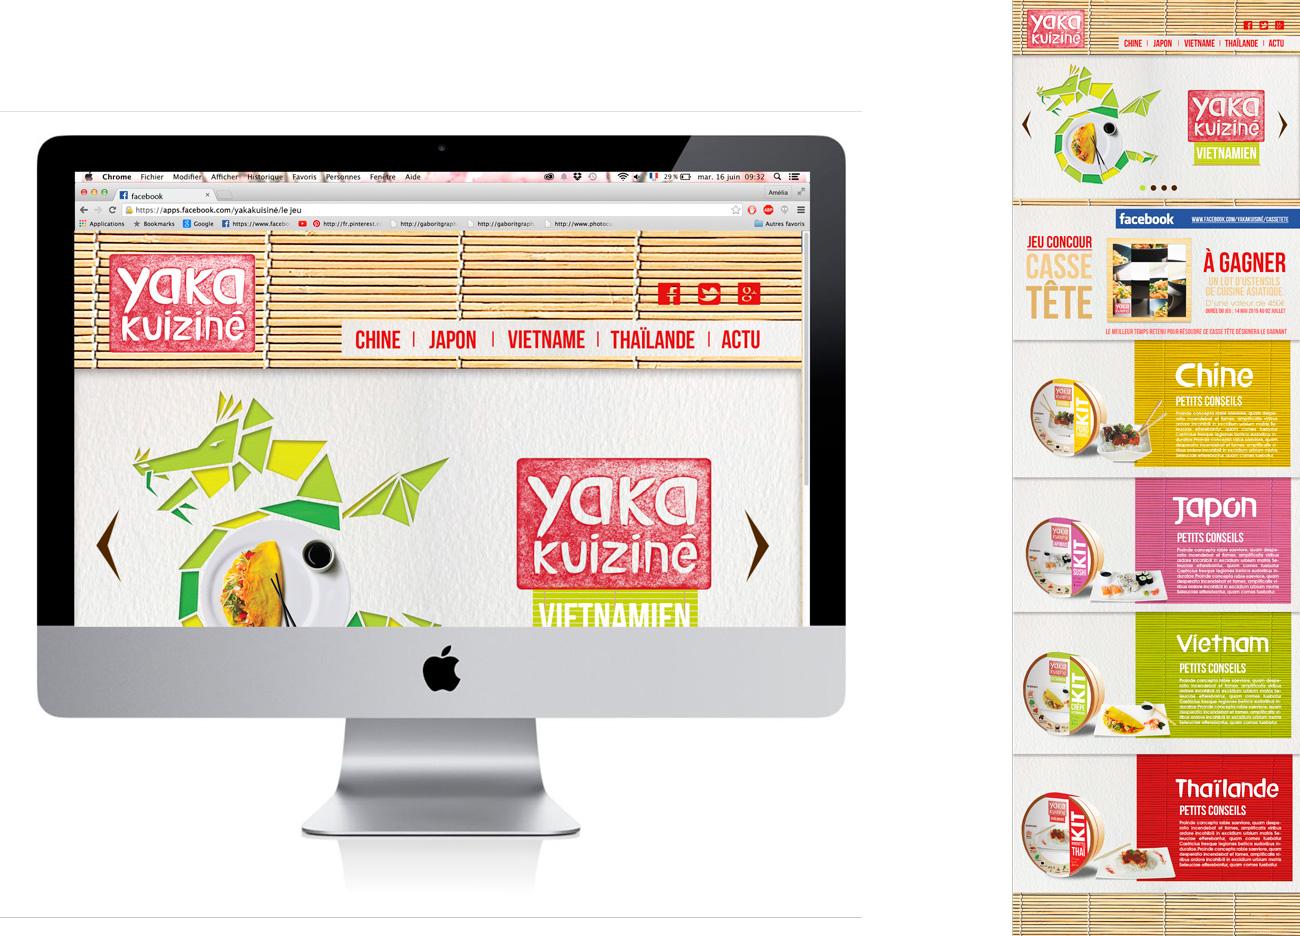 webdesign site yaka kuiziné